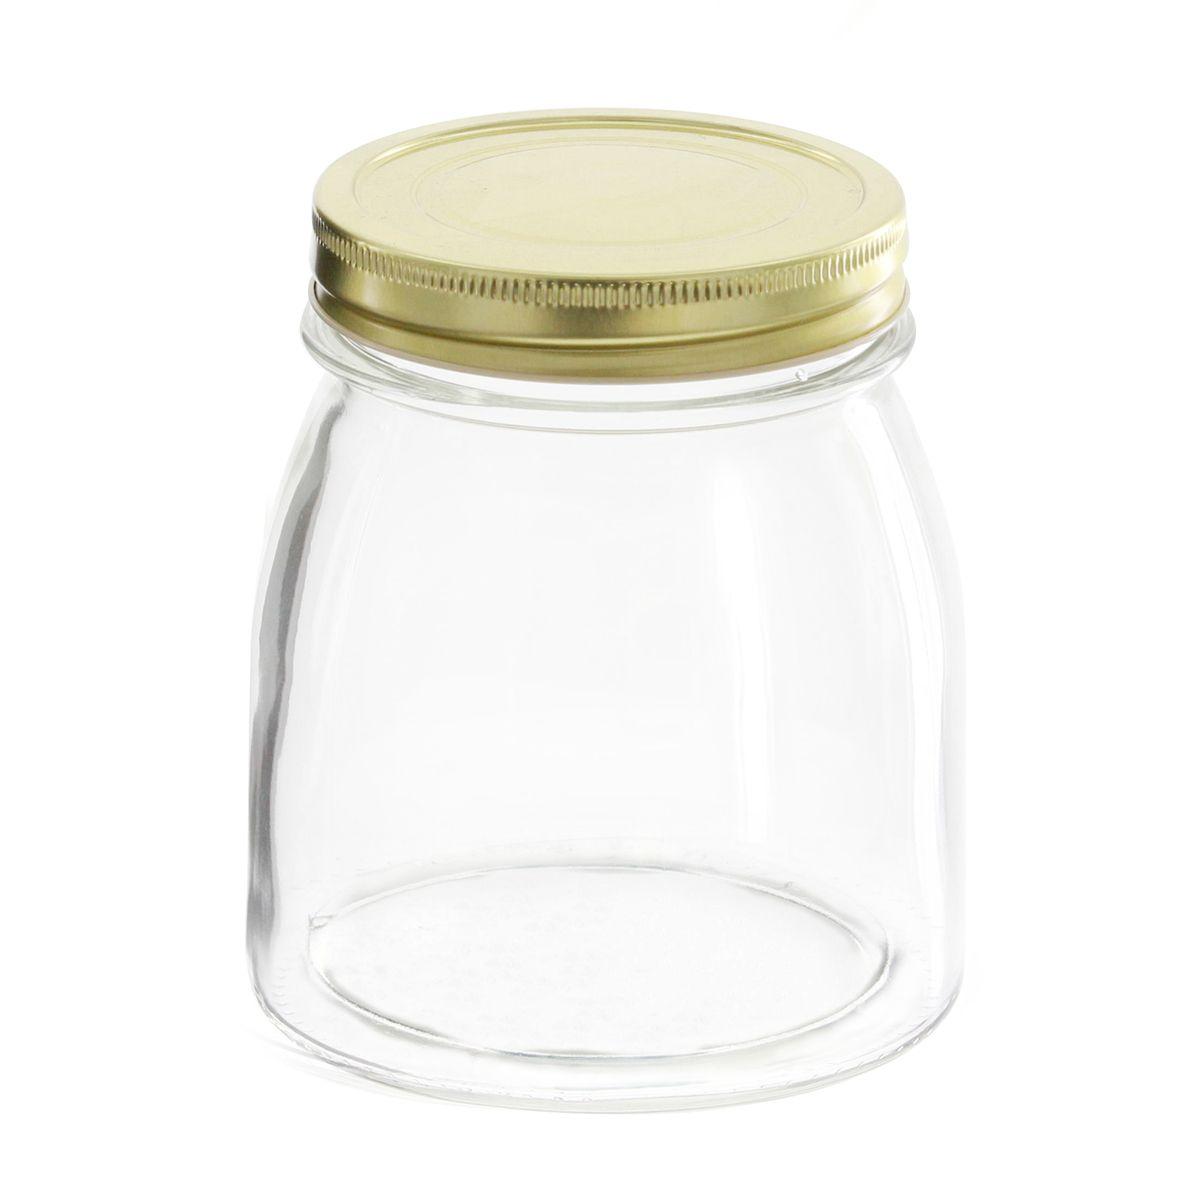 Bocal en verre couvercle doré 750ml - Borgonovo